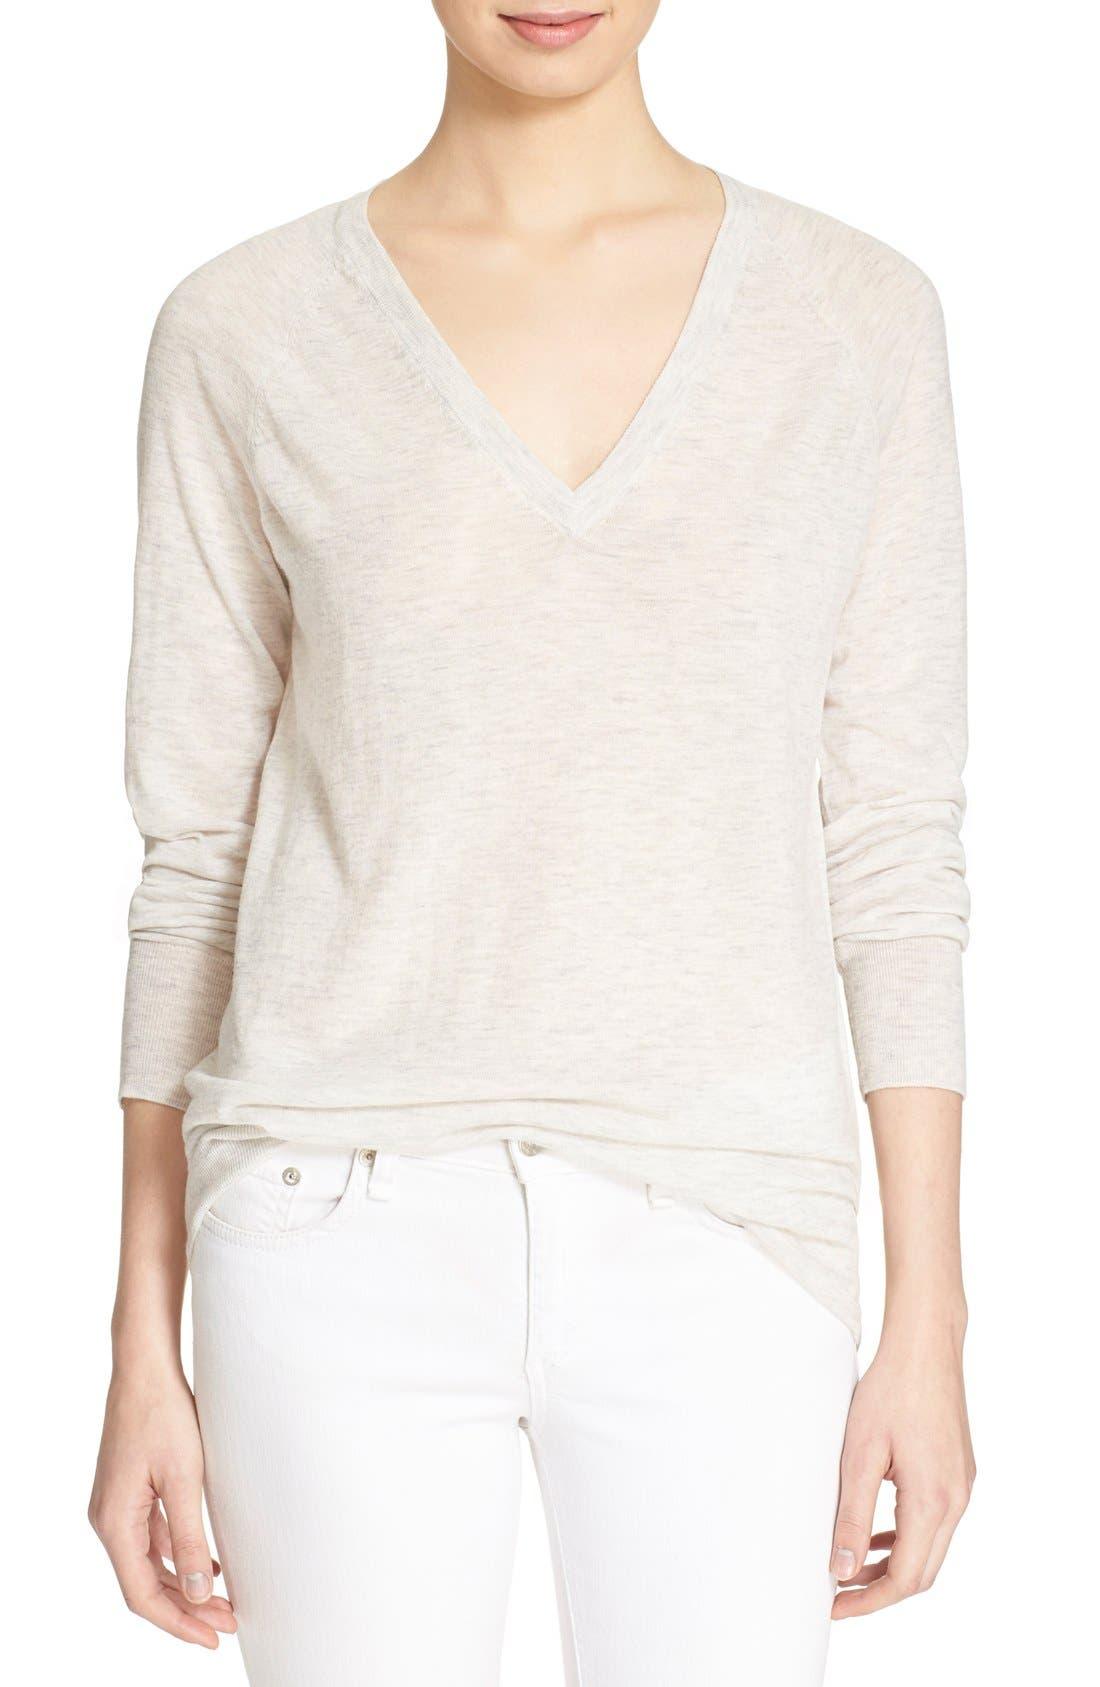 Alternate Image 1 Selected - Equipment 'Asher' V-Neck Sweater